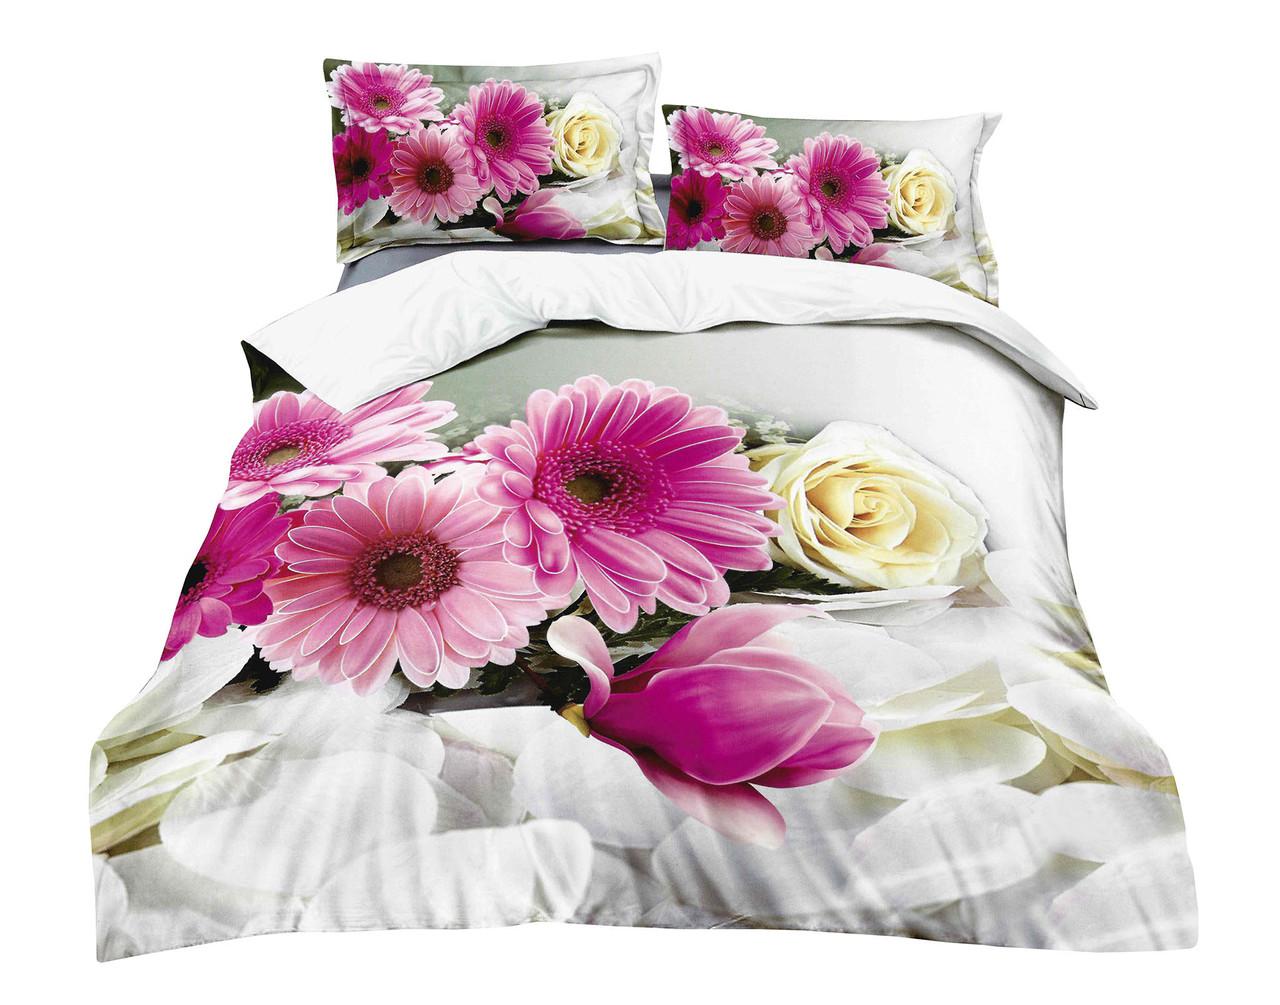 Комплект постельного белья Микроволокно HXDD-785 M&M 6314 Розовый, Серый